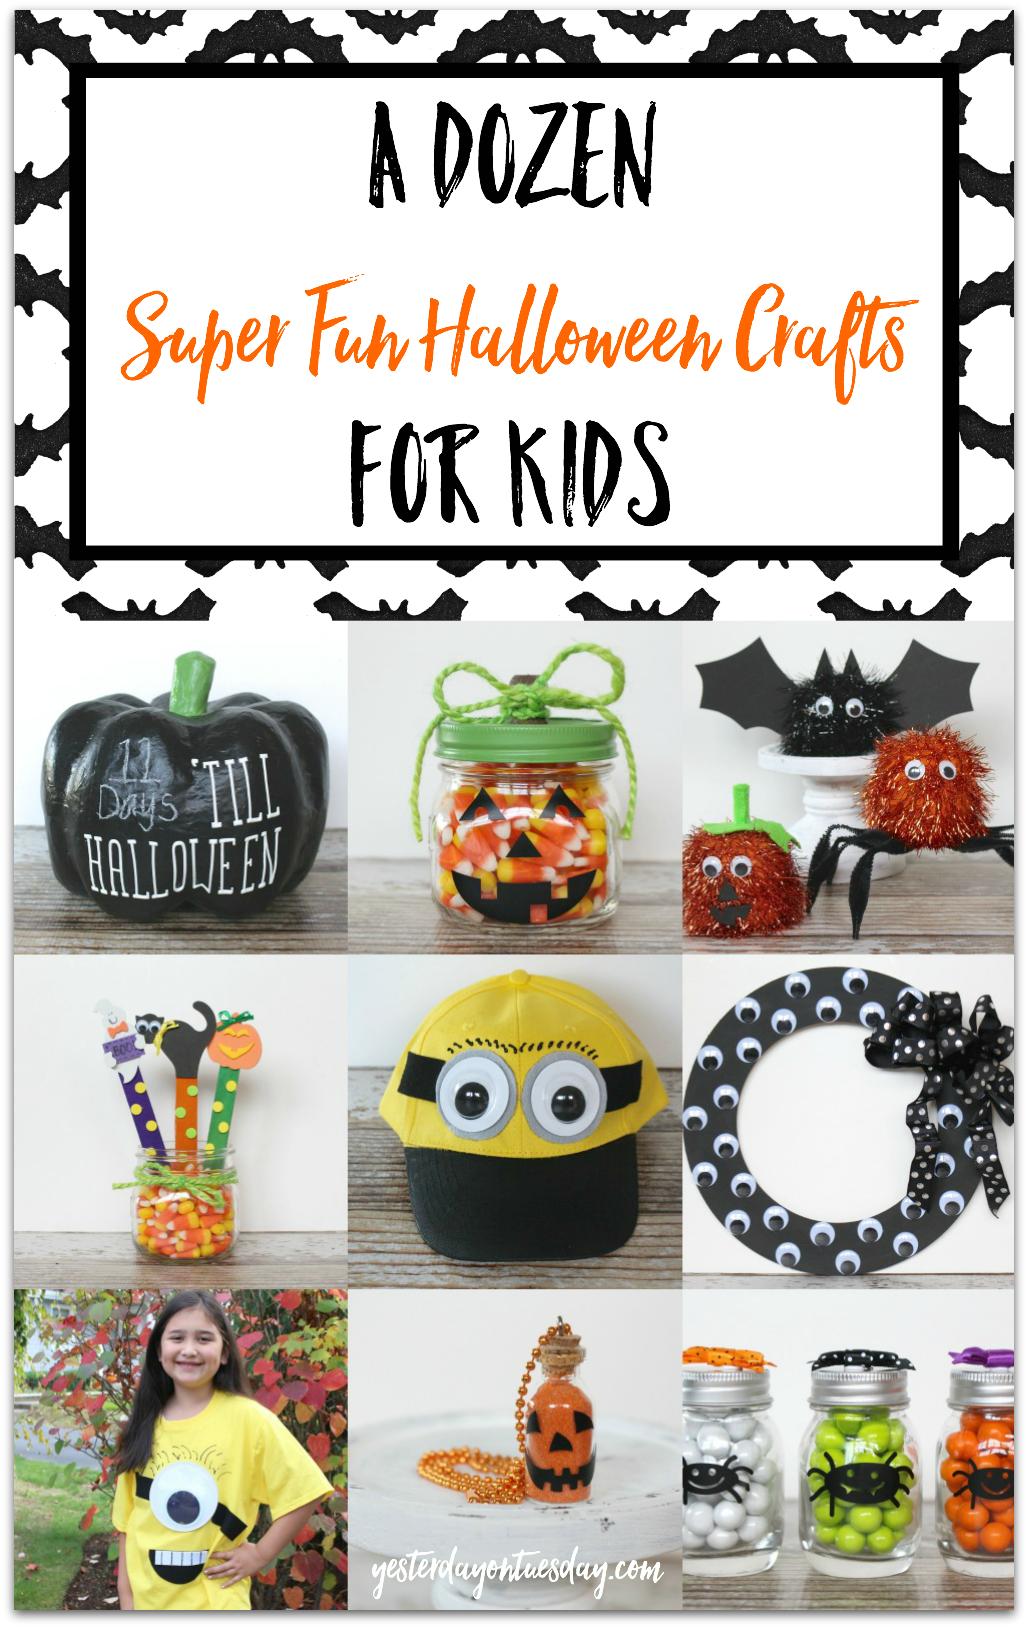 A Dozen Halloween Crafts for Kids